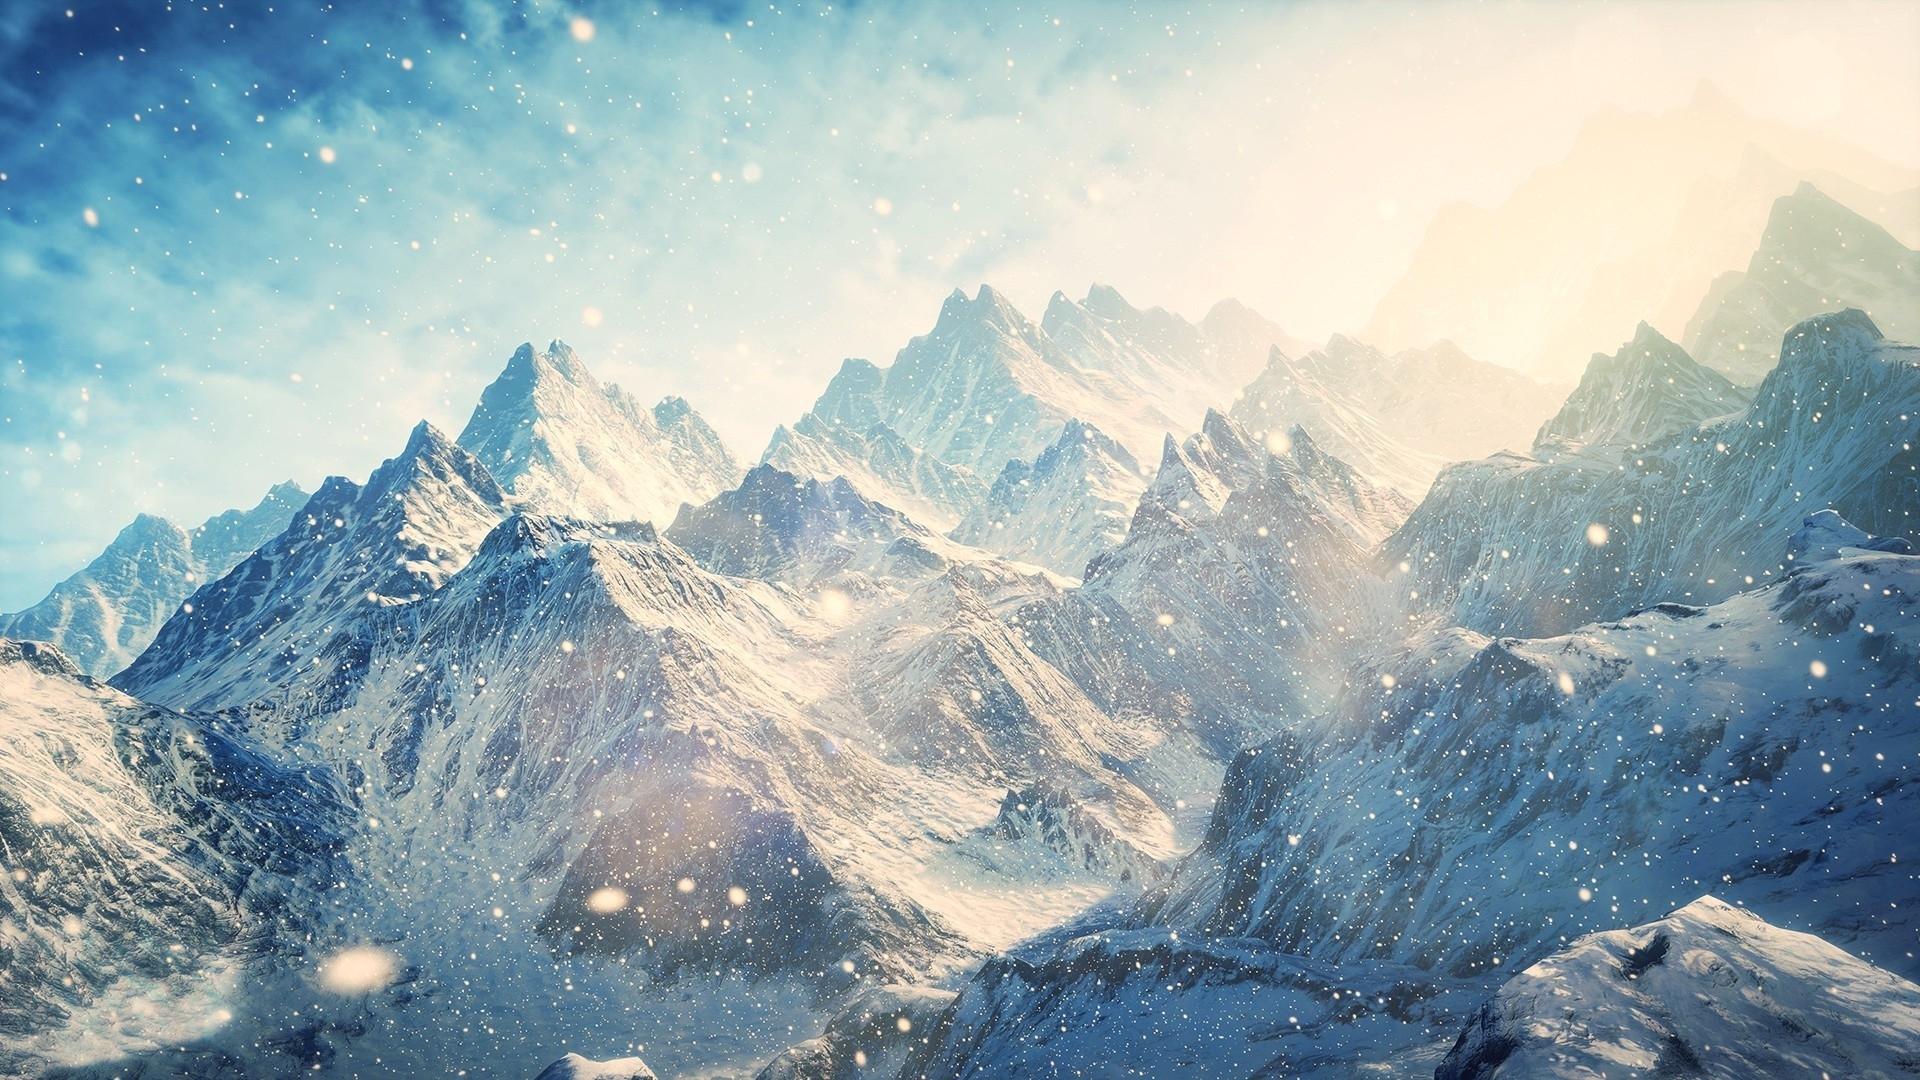 nature & landscape snow mountains wallpapers (desktop, phone, tablet